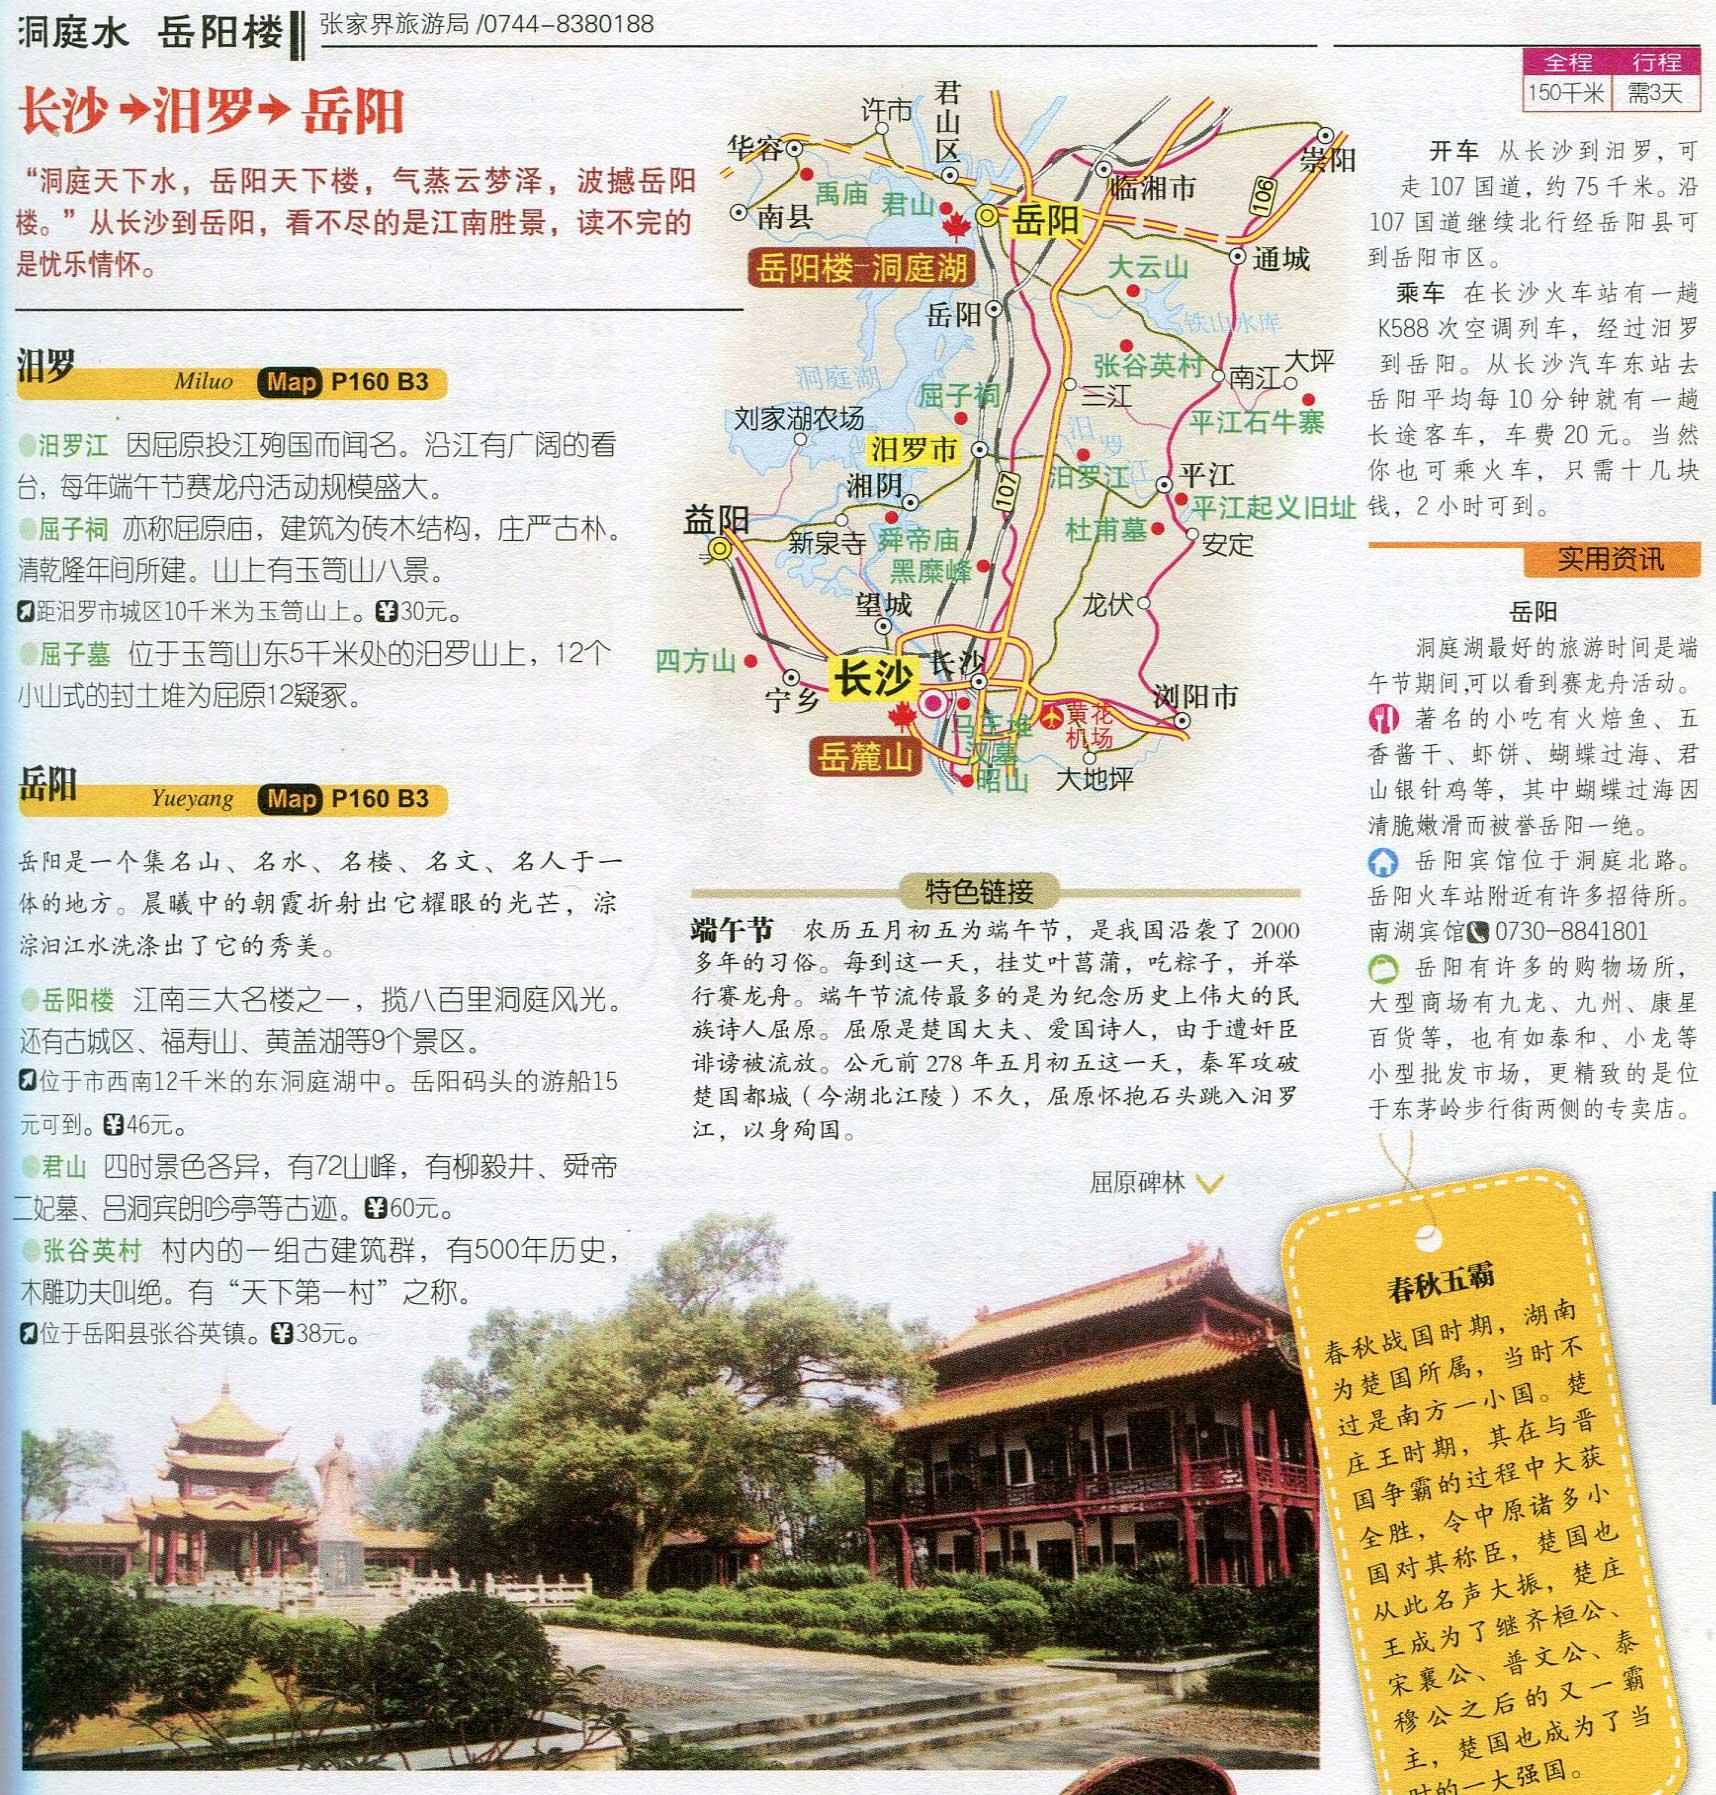 湖南旅游线路图长沙汨罗岳阳高清版大 汨罗市旅游地图图片高清图片